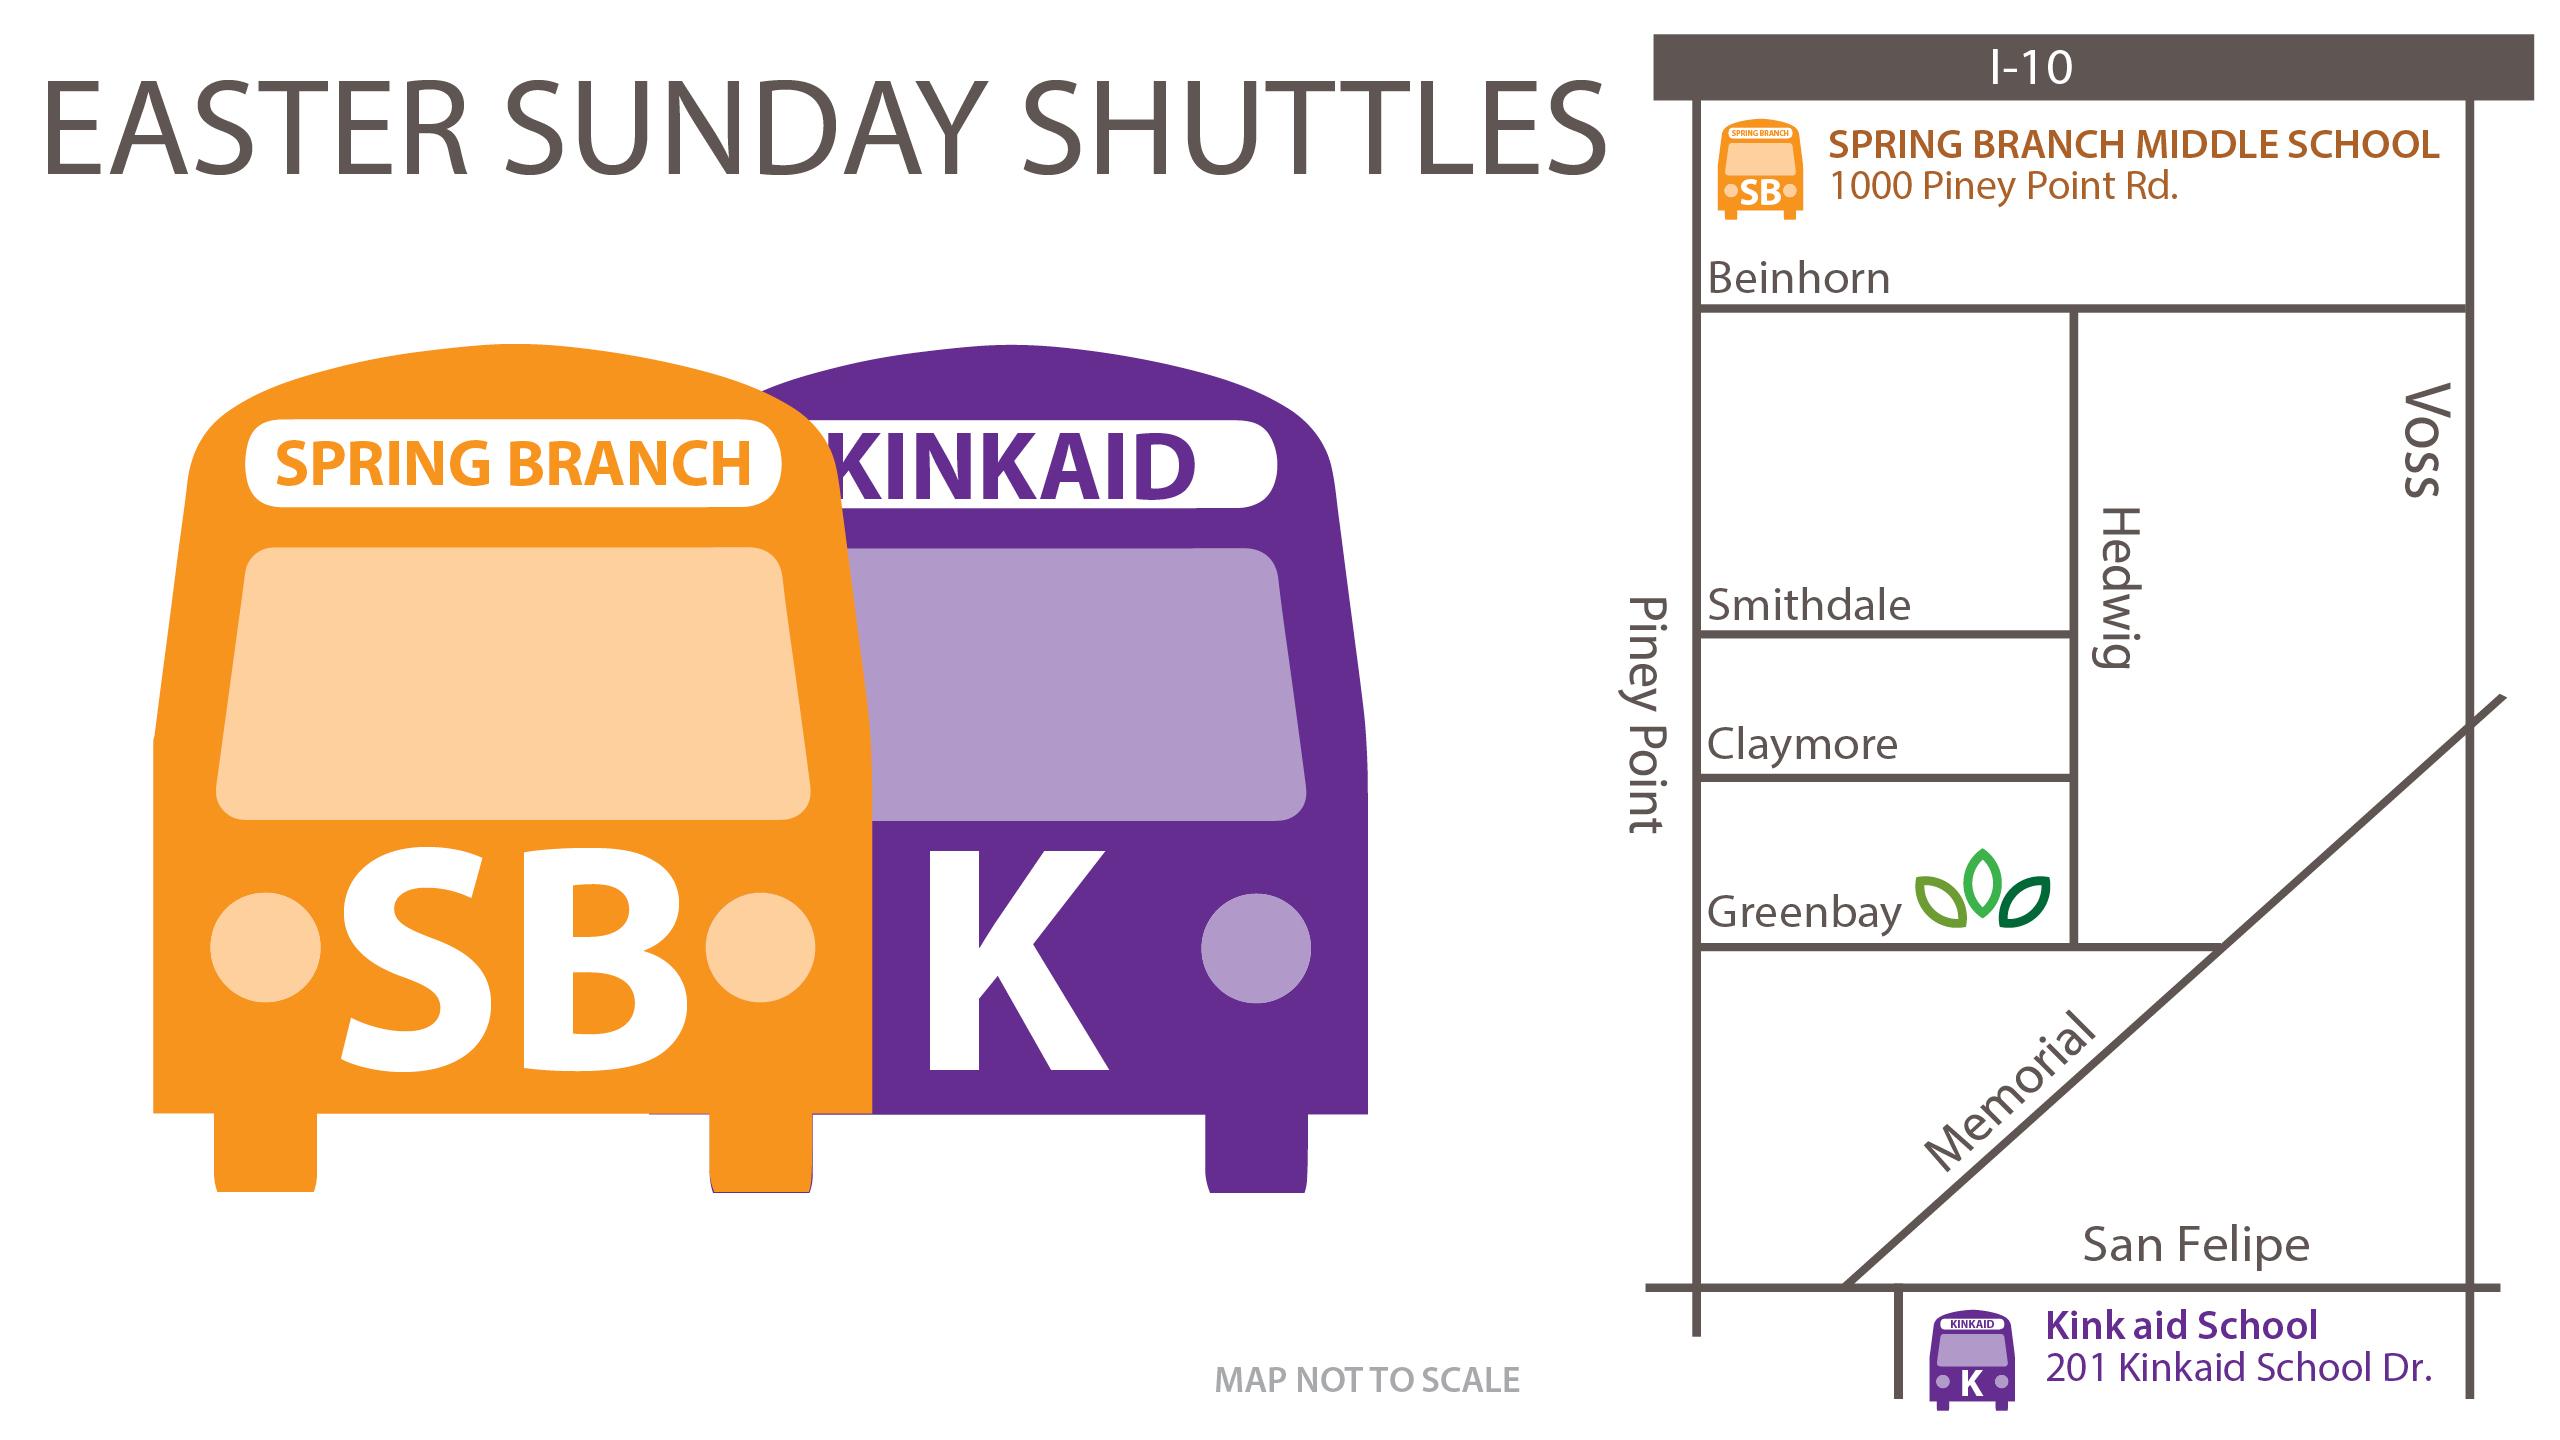 Easter Shuttle